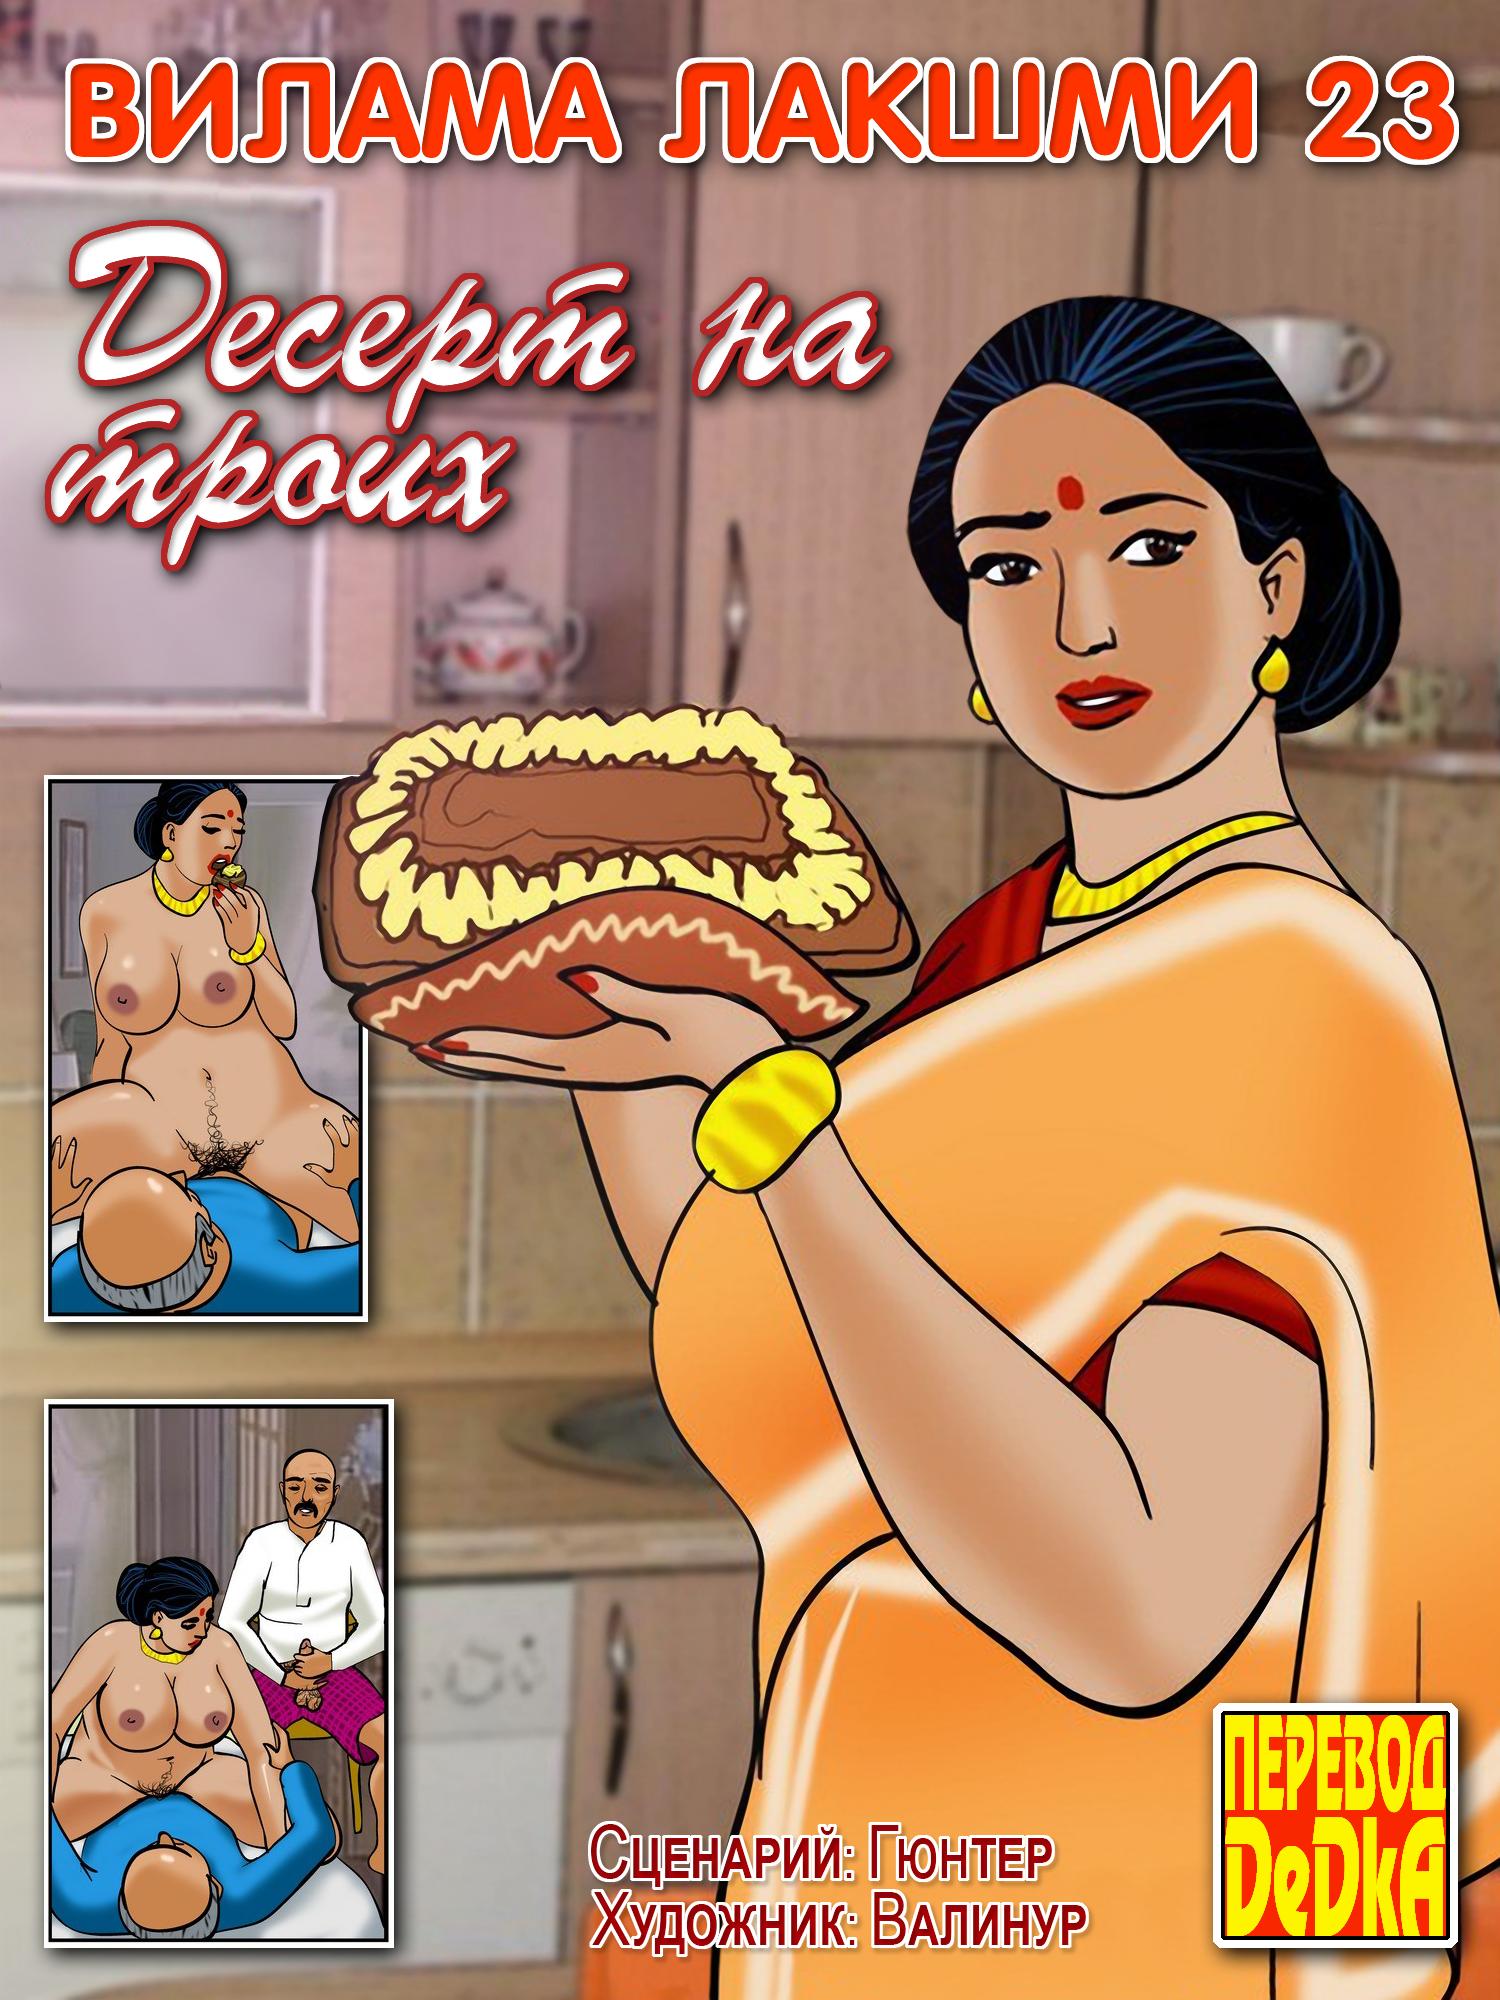 Читать порнокомиксы бесплатно и регистрации 17 фотография